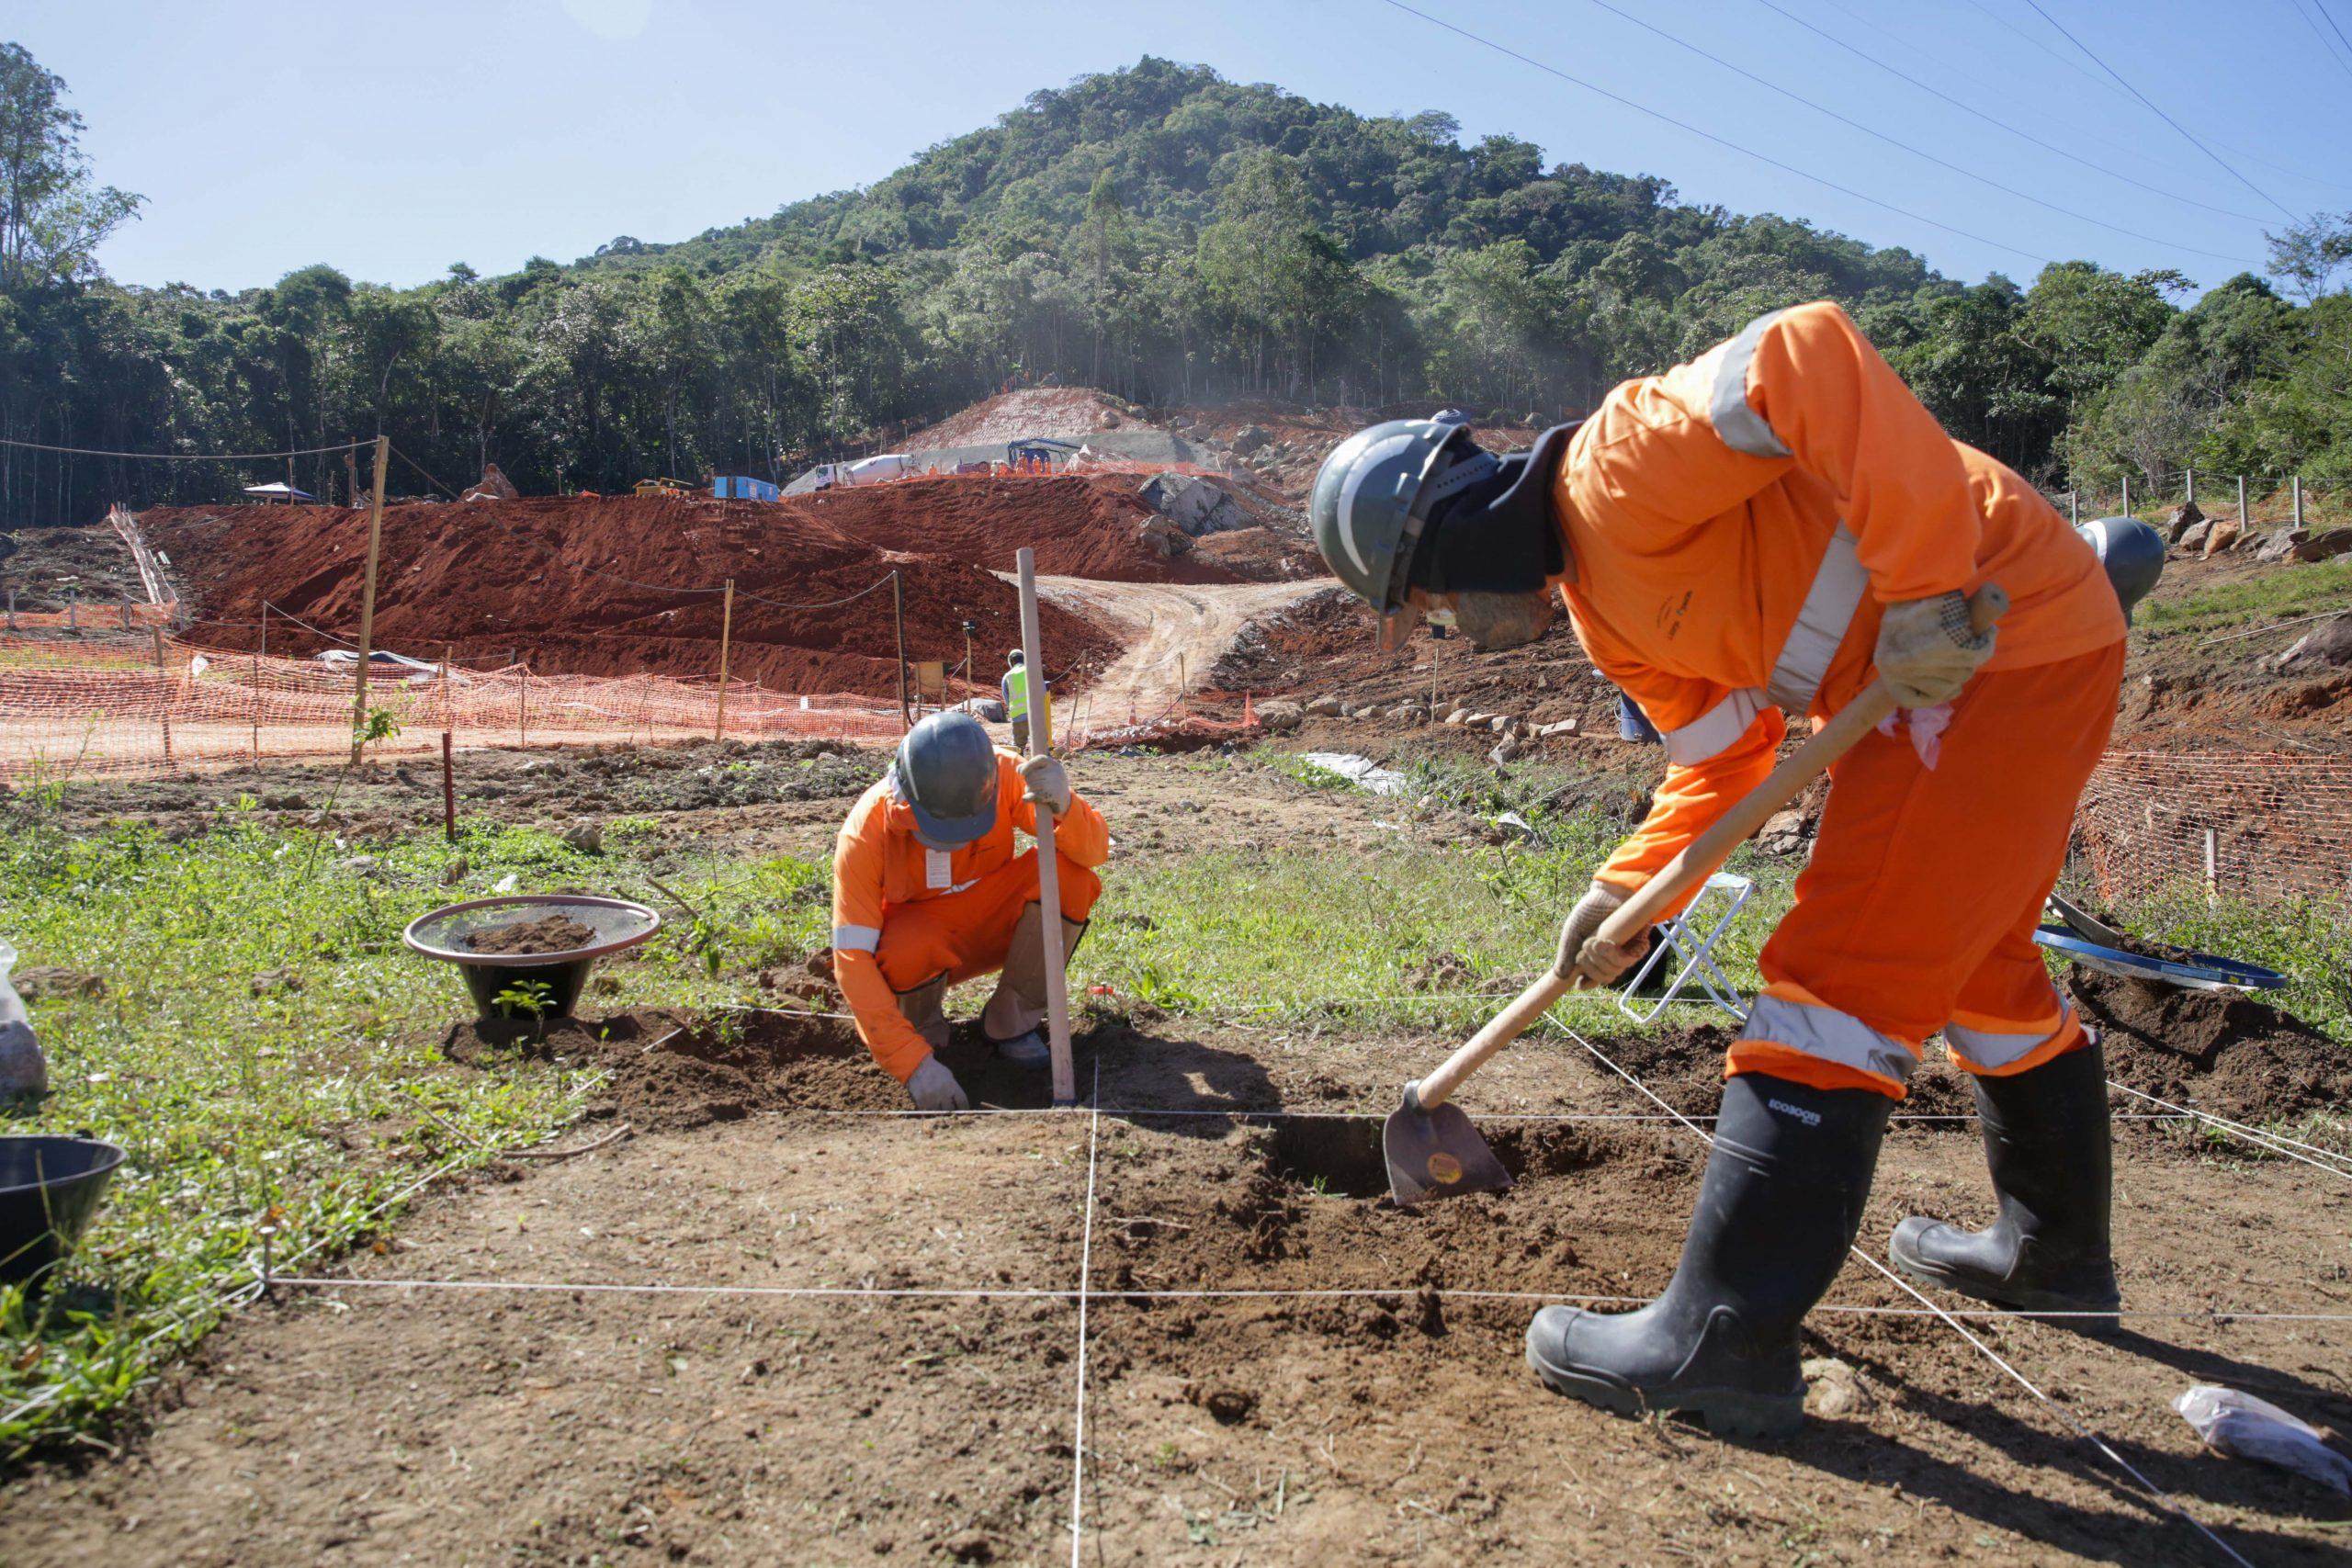 Novo sítio arqueológico é encontrado no Contorno